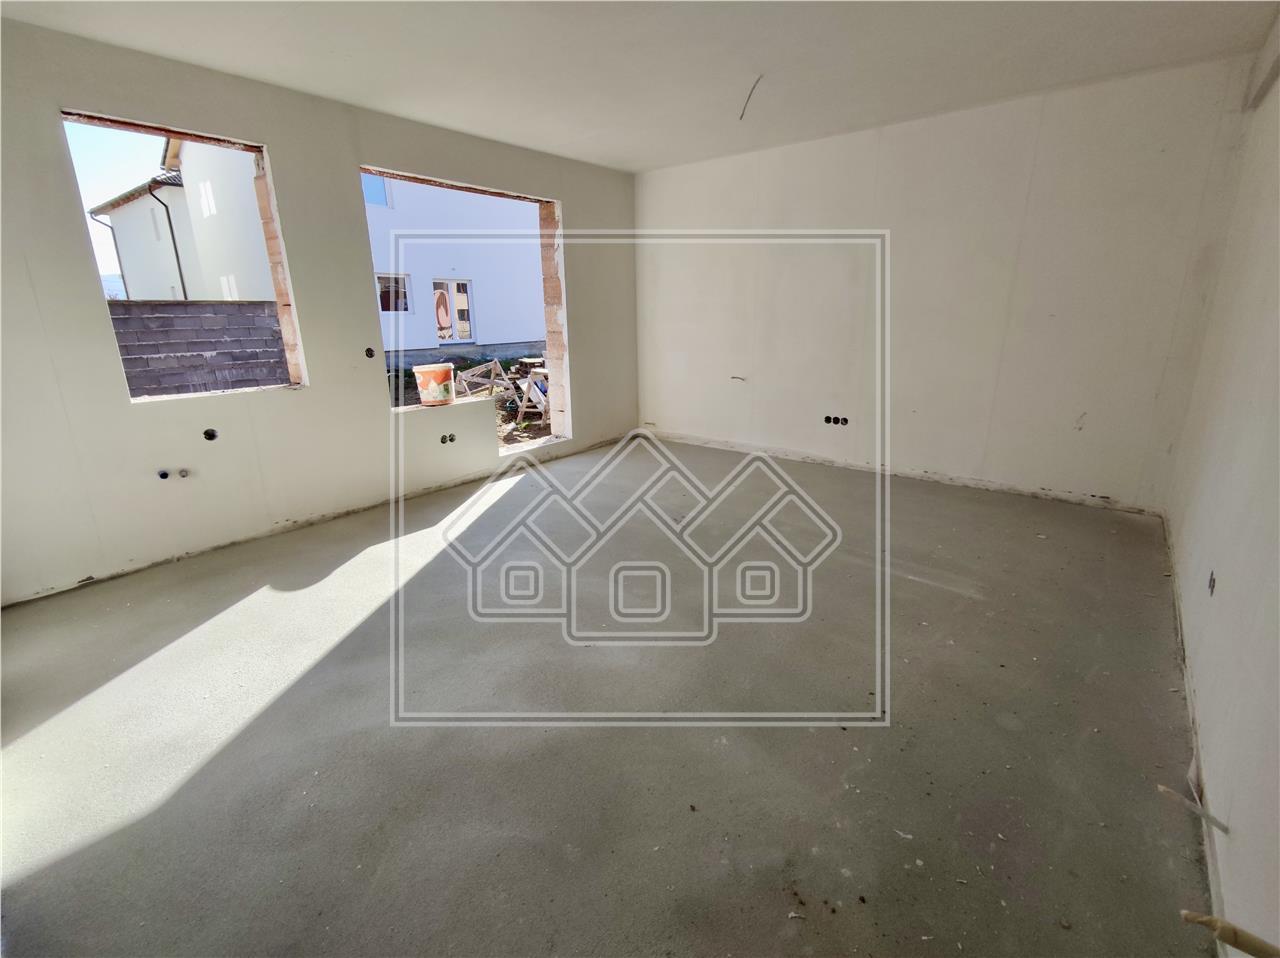 Apartament 2 camere de vanzare in Sibiu, etaj 1, cu balcon